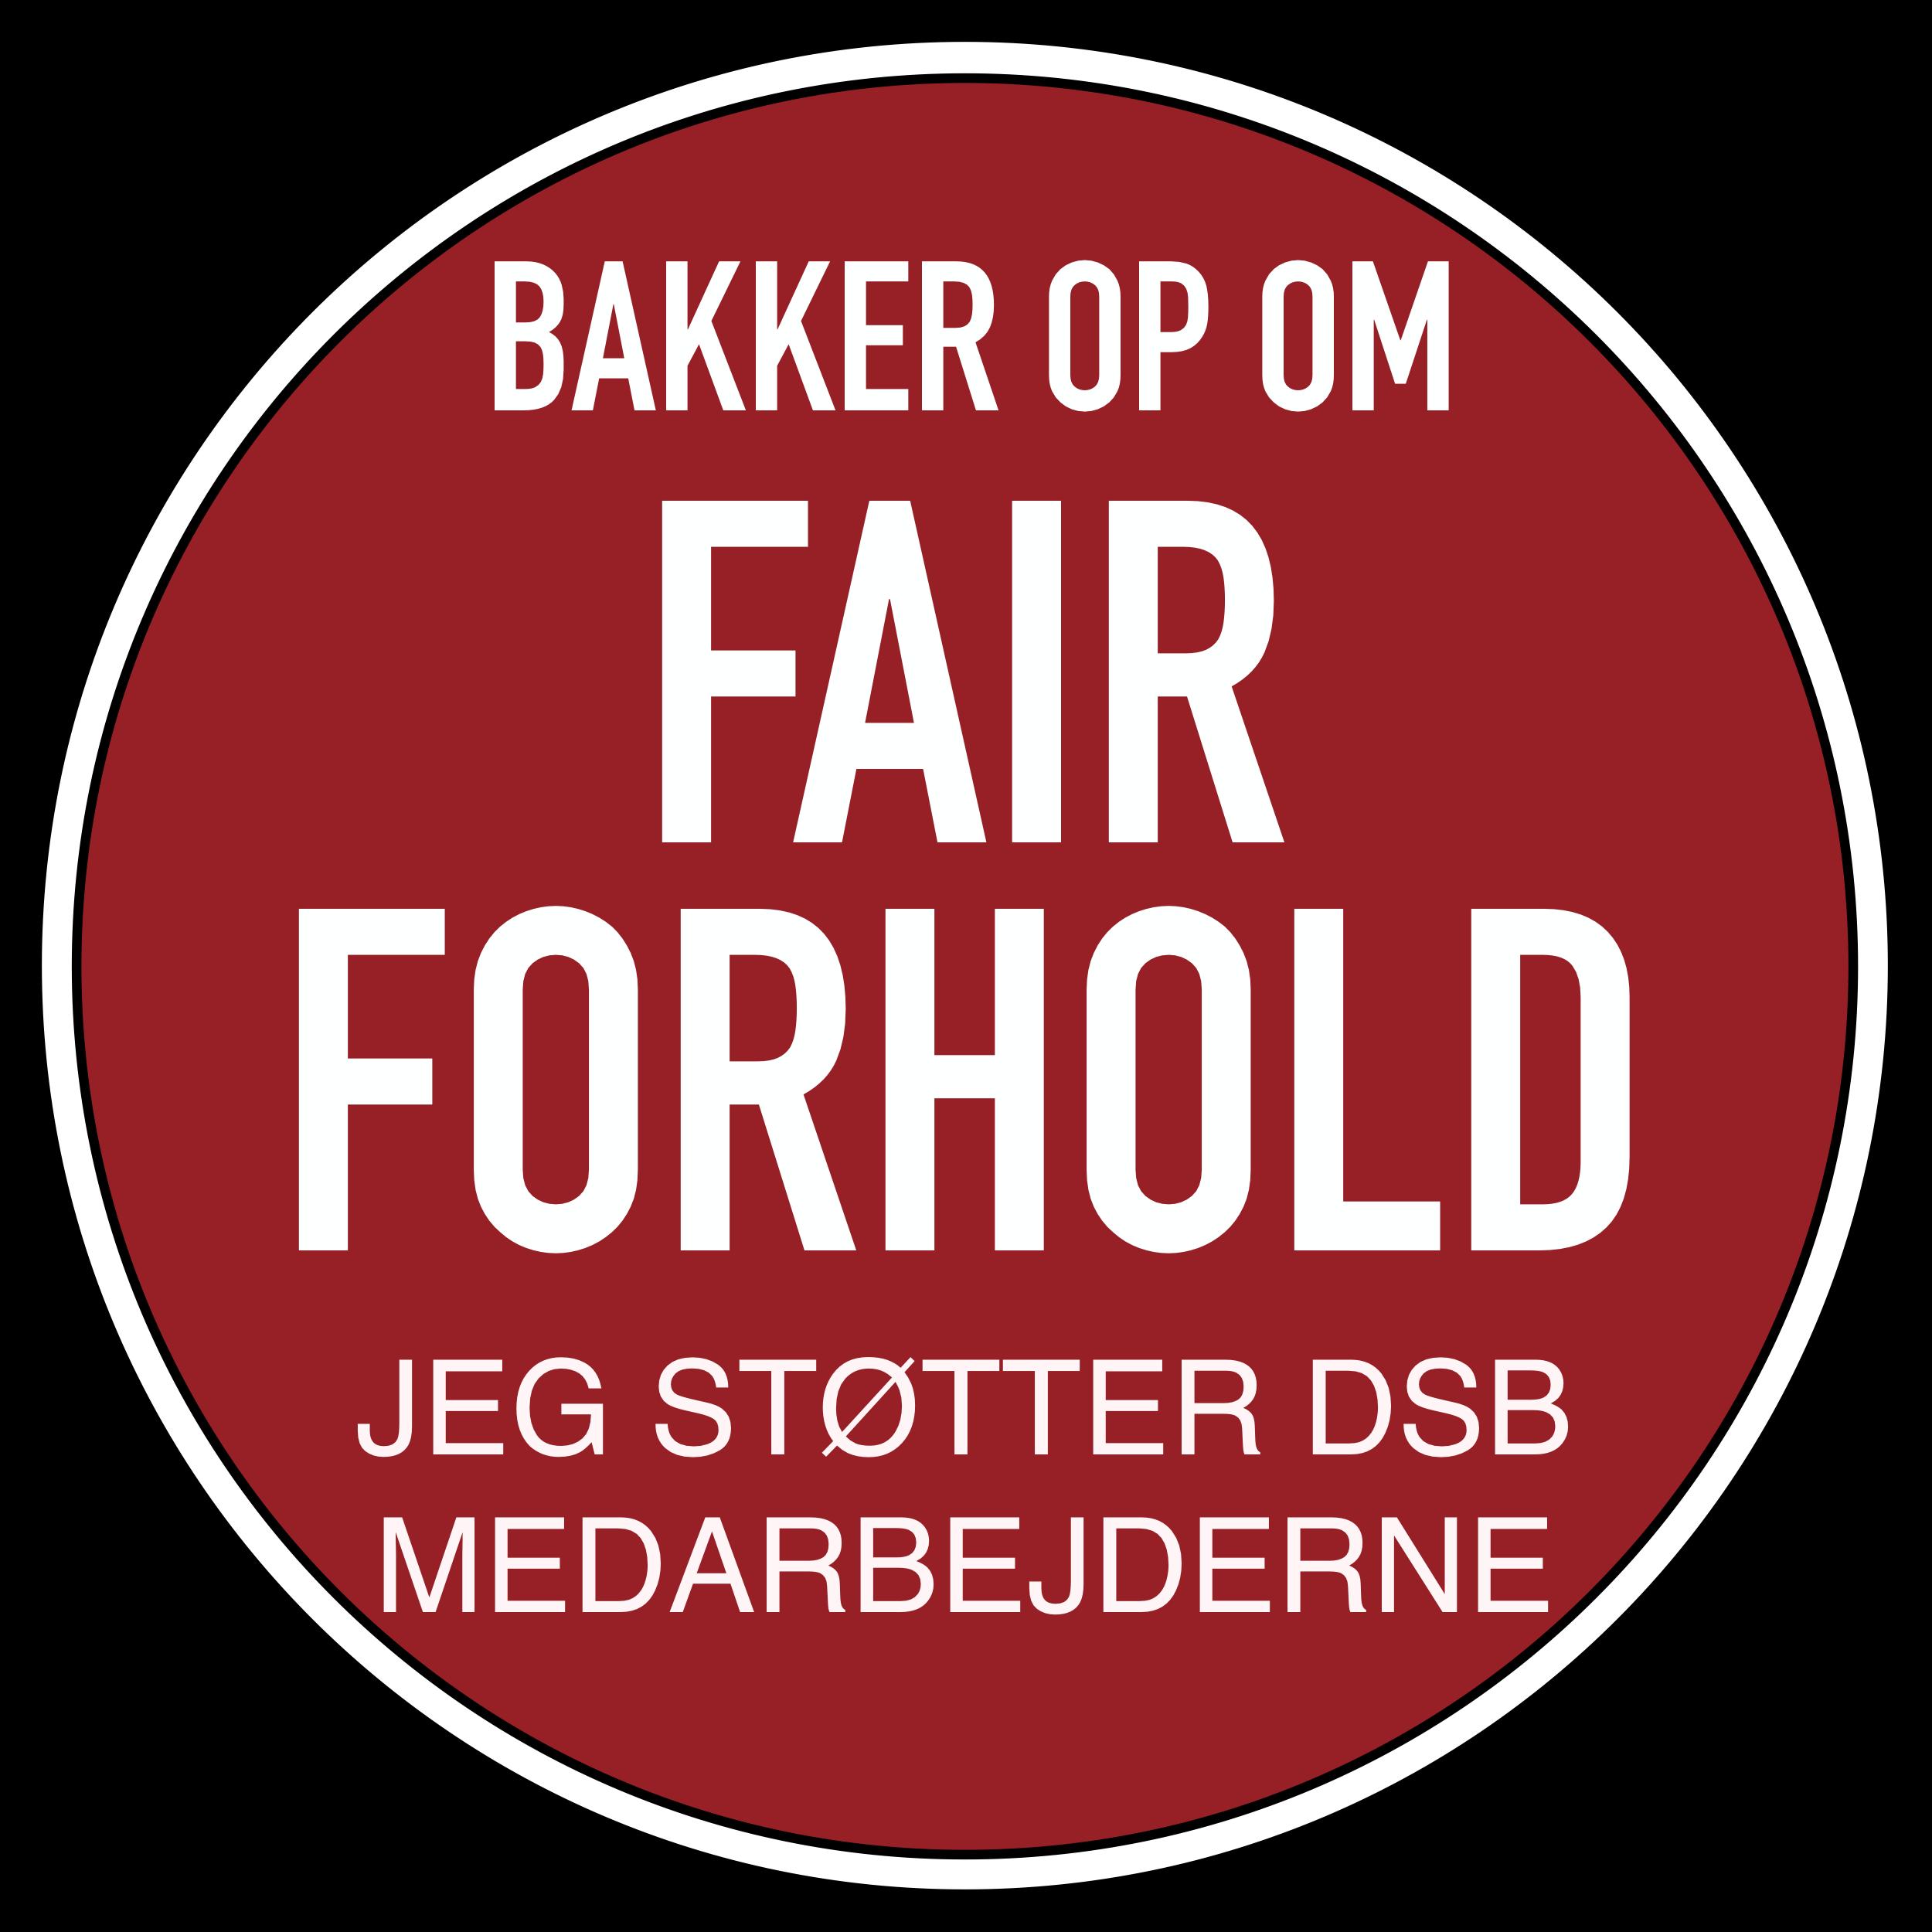 Vis din støtt på nettet #fairforhold